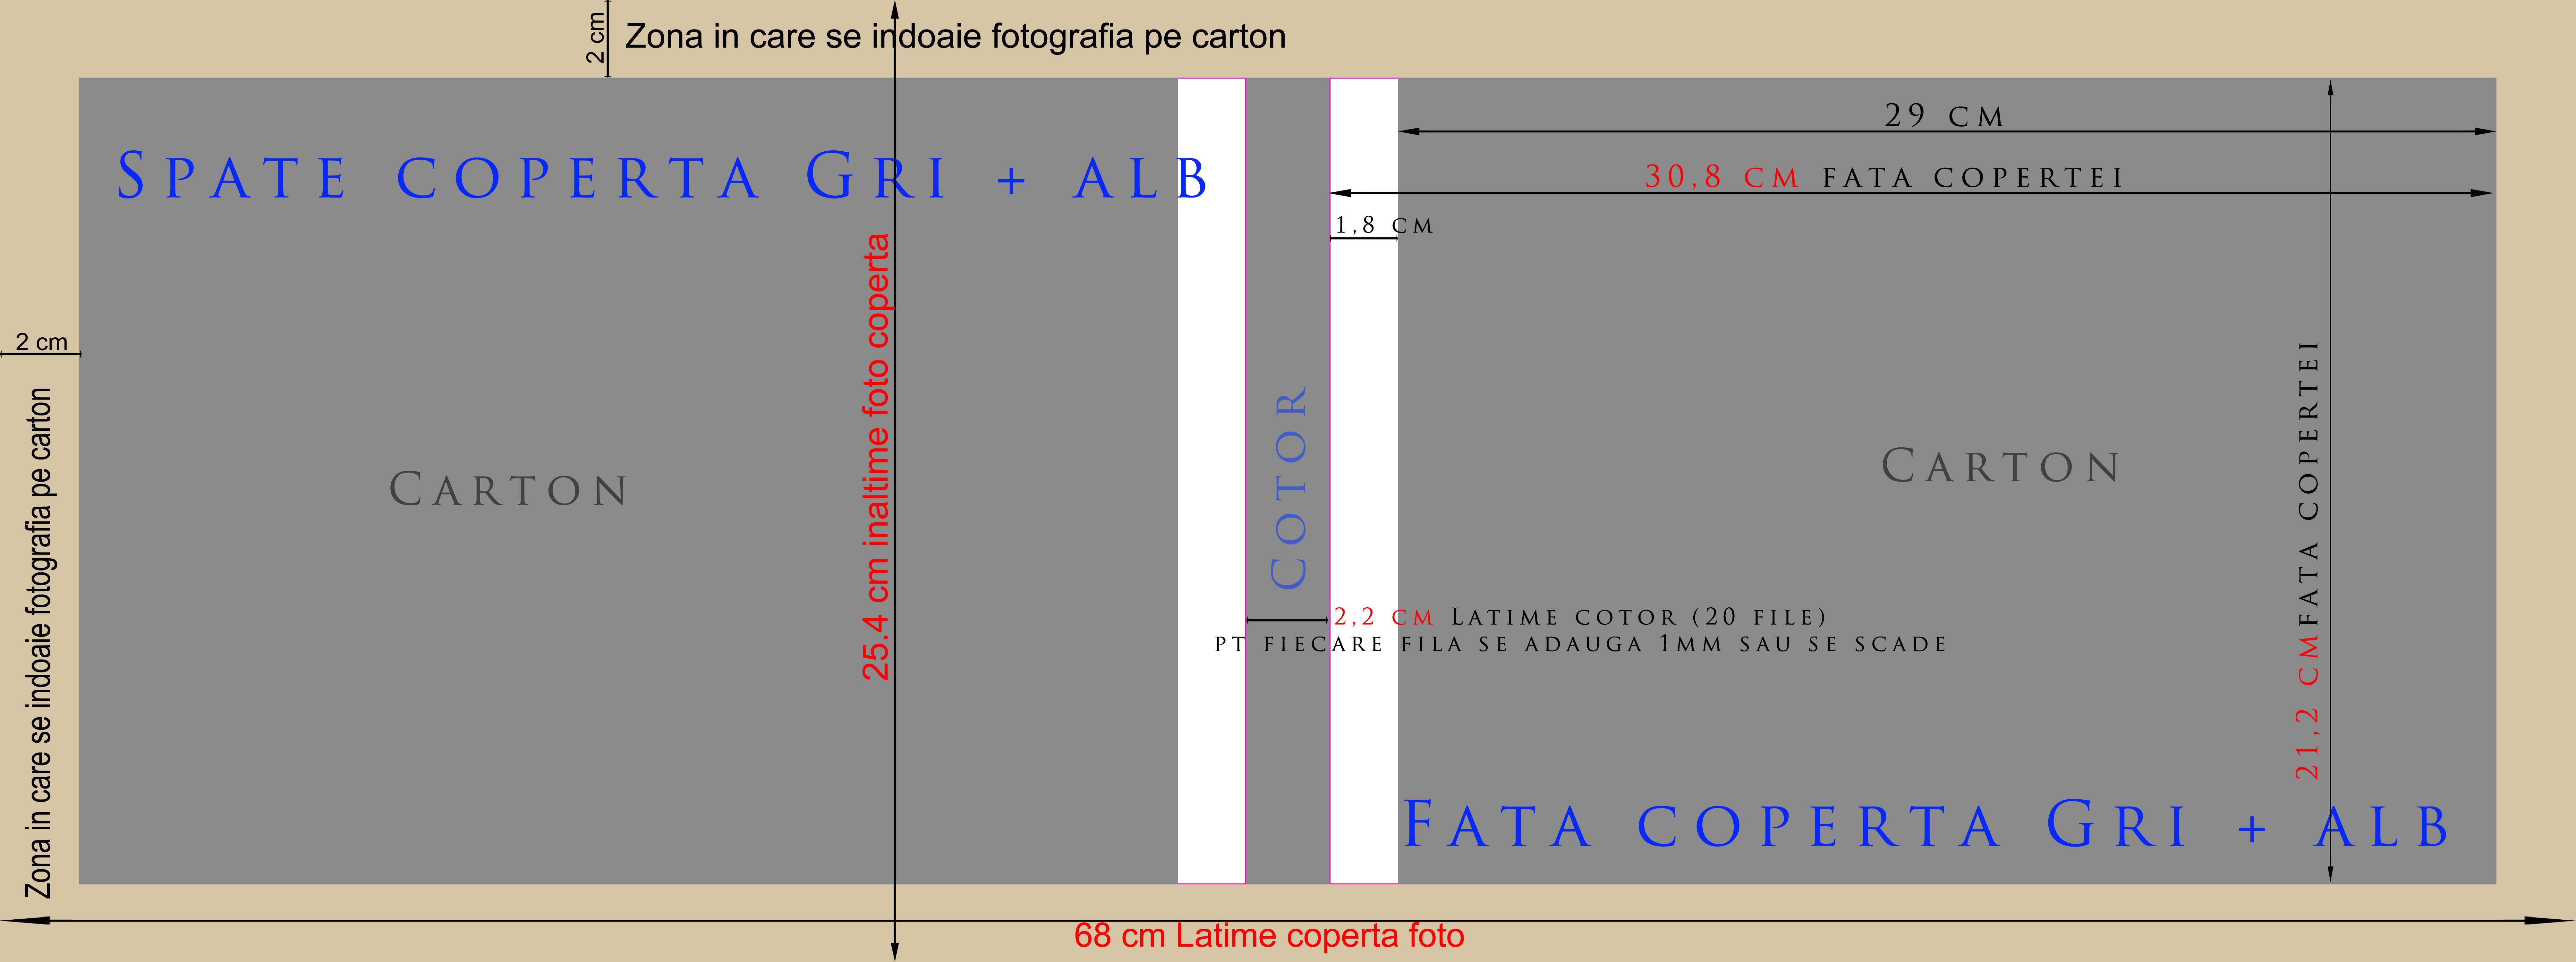 template coperta foto pt album digital (20x30 H, 15x20 H, 25x38 H)